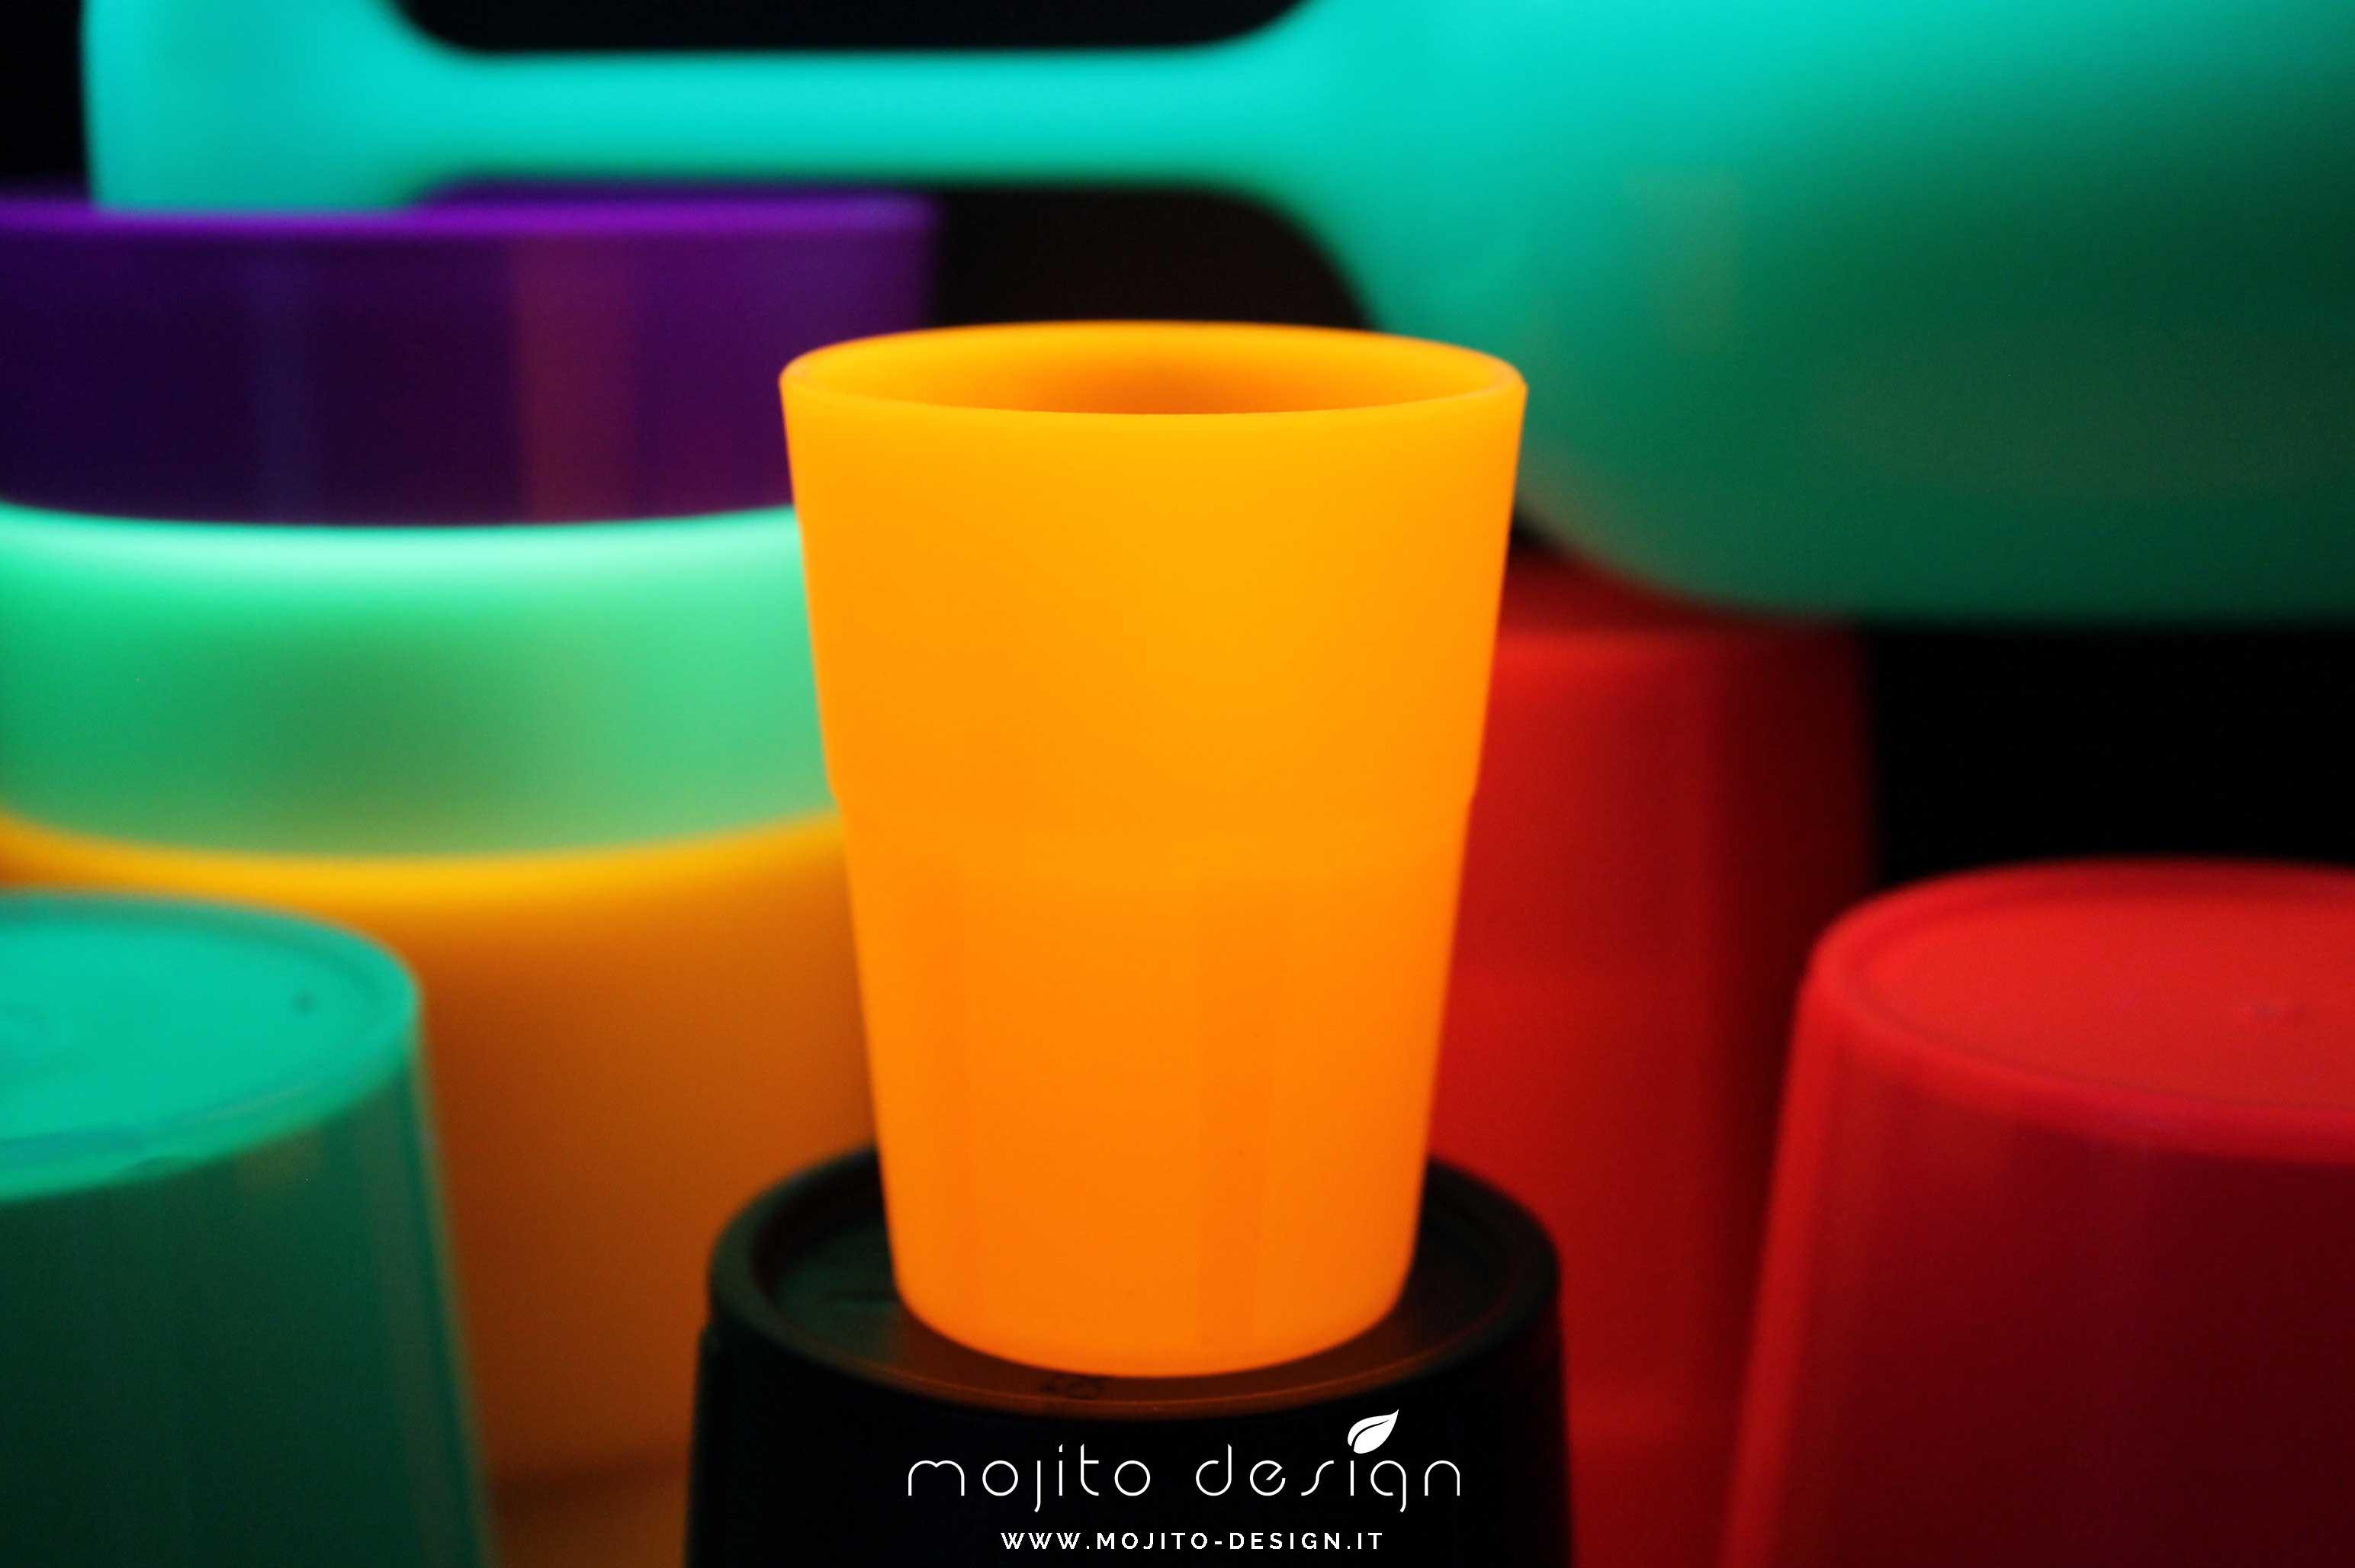 25 Mojito design